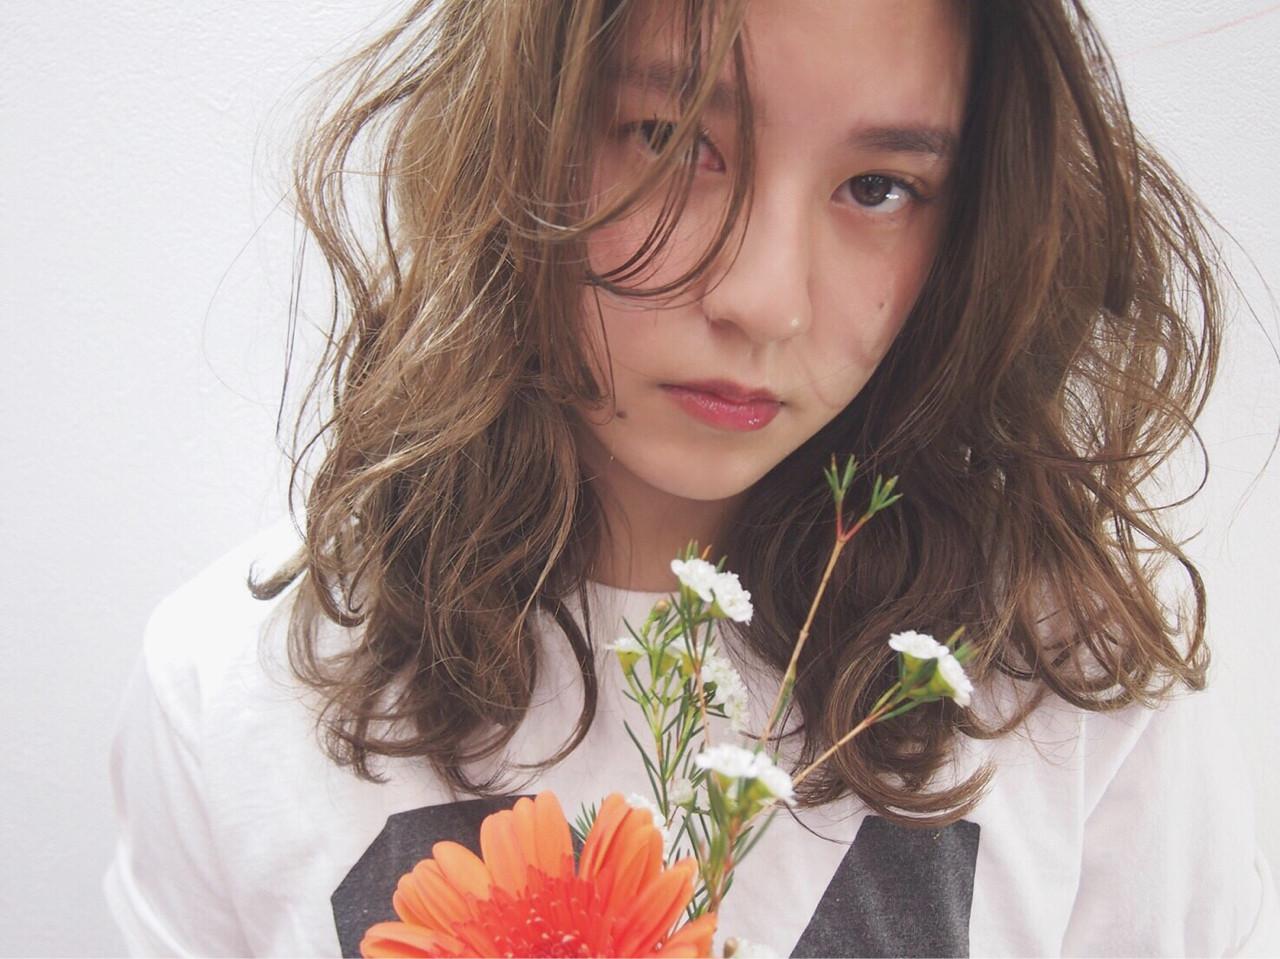 レイヤーカット 外国人風 うざバング パーマ ヘアスタイルや髪型の写真・画像 | Ari /